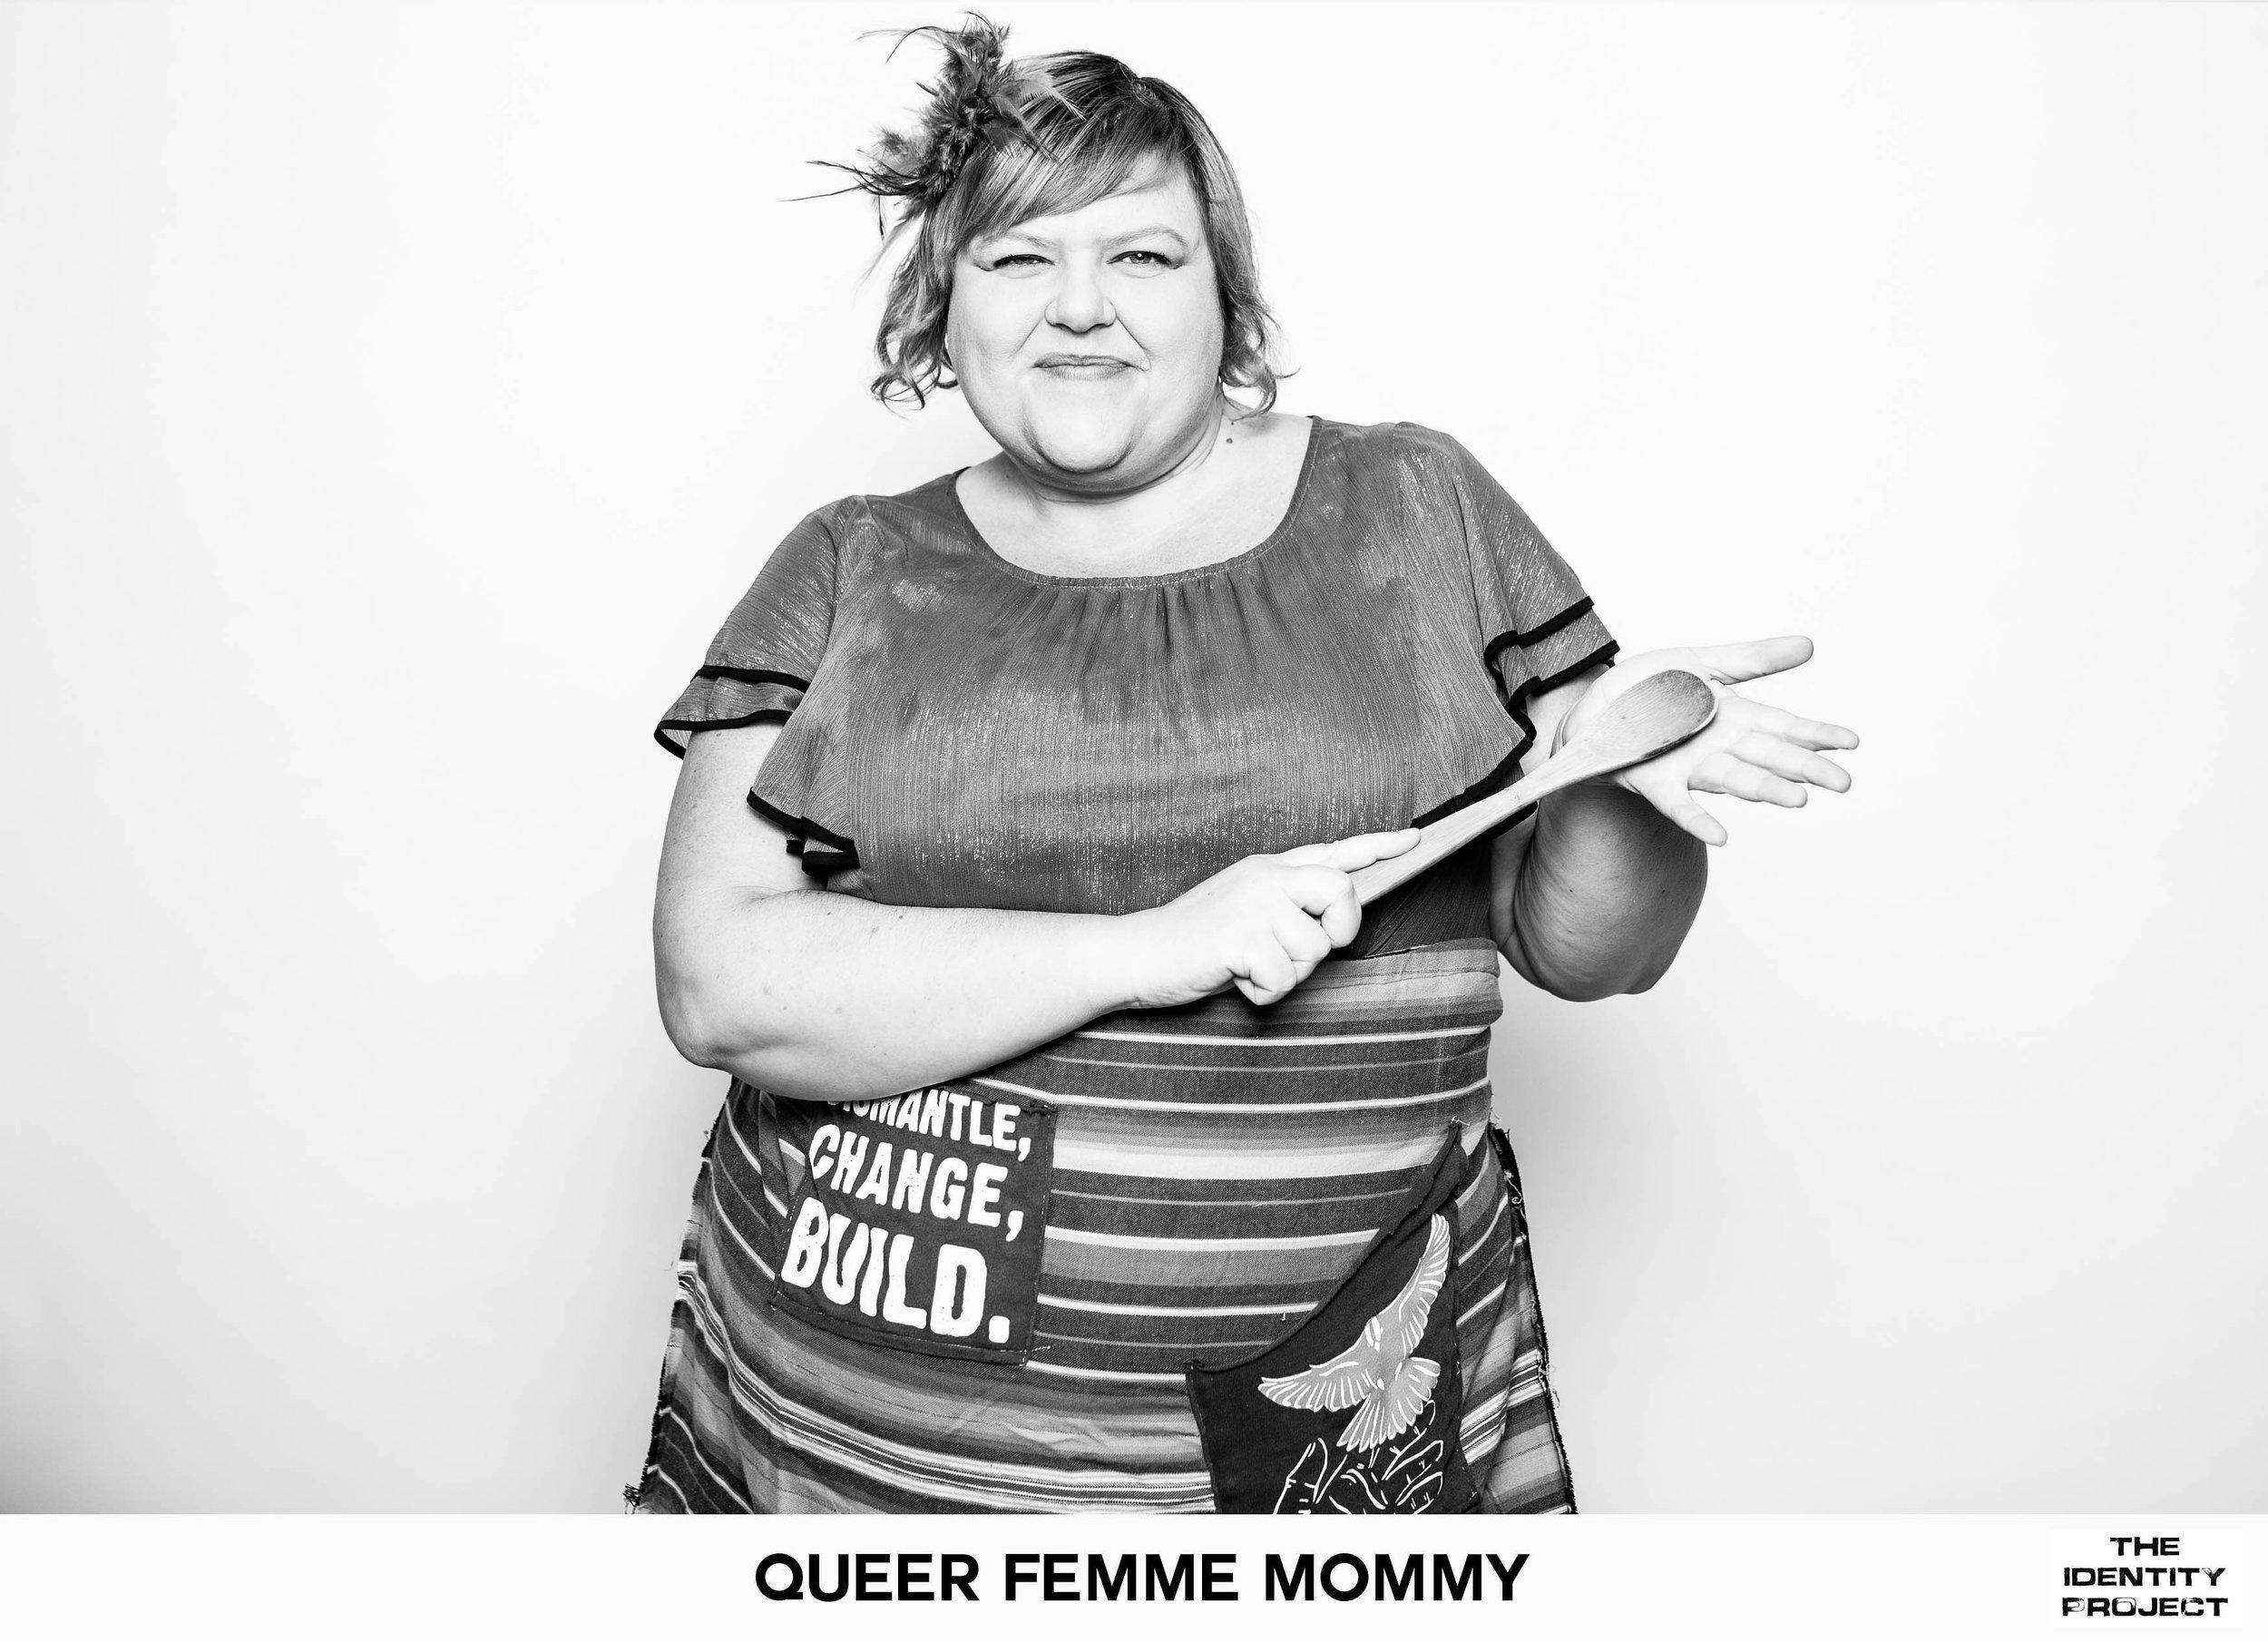 queer_femme_mommy.jpg